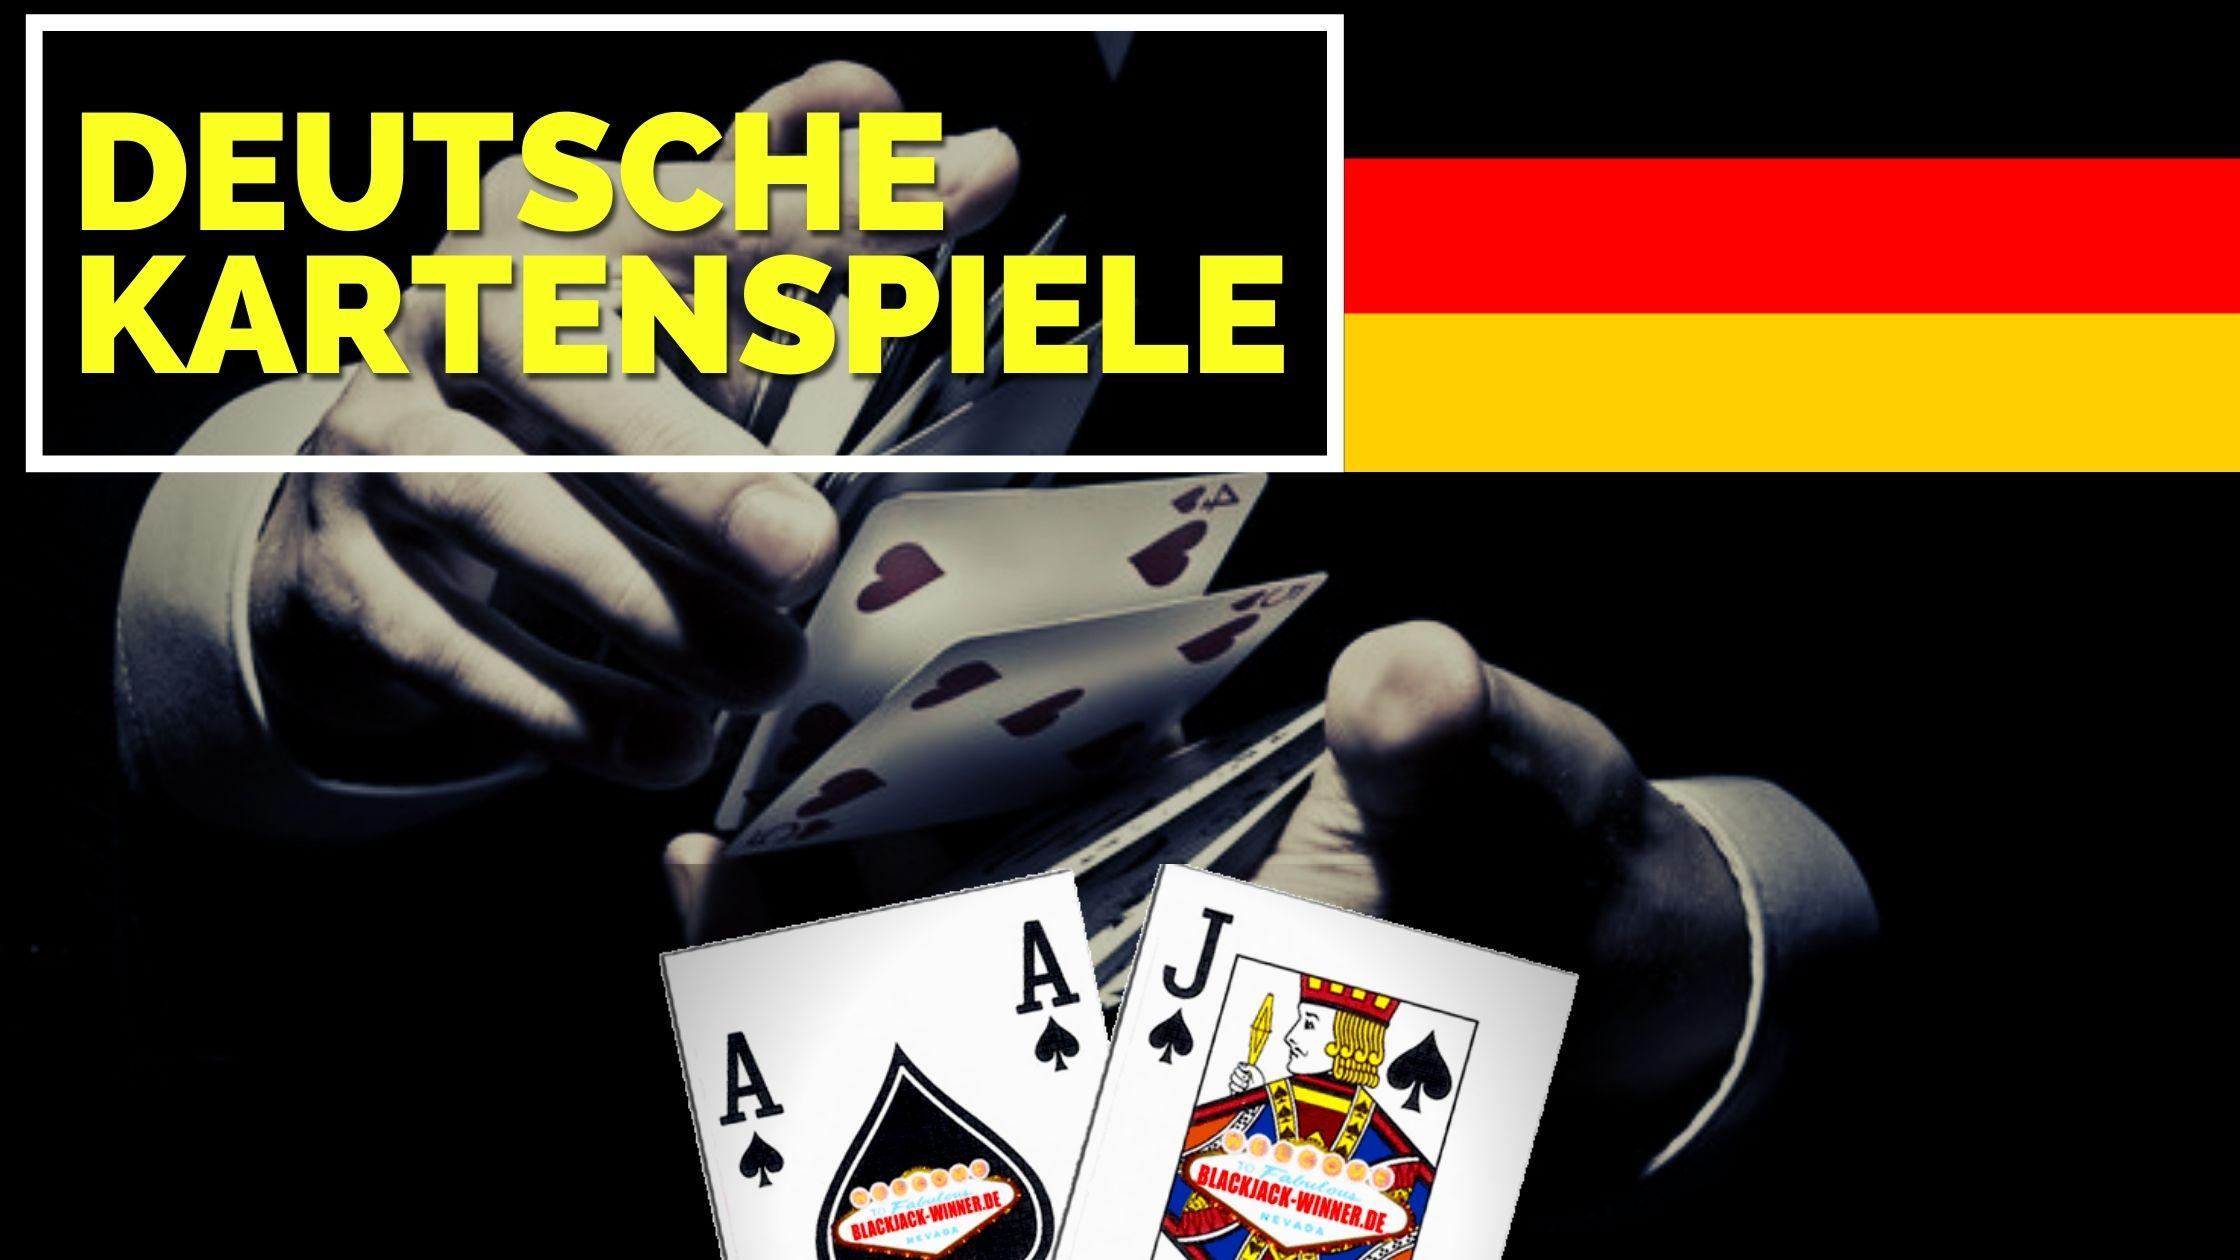 Die besten deutschen Kartenspiele aller Zeiten